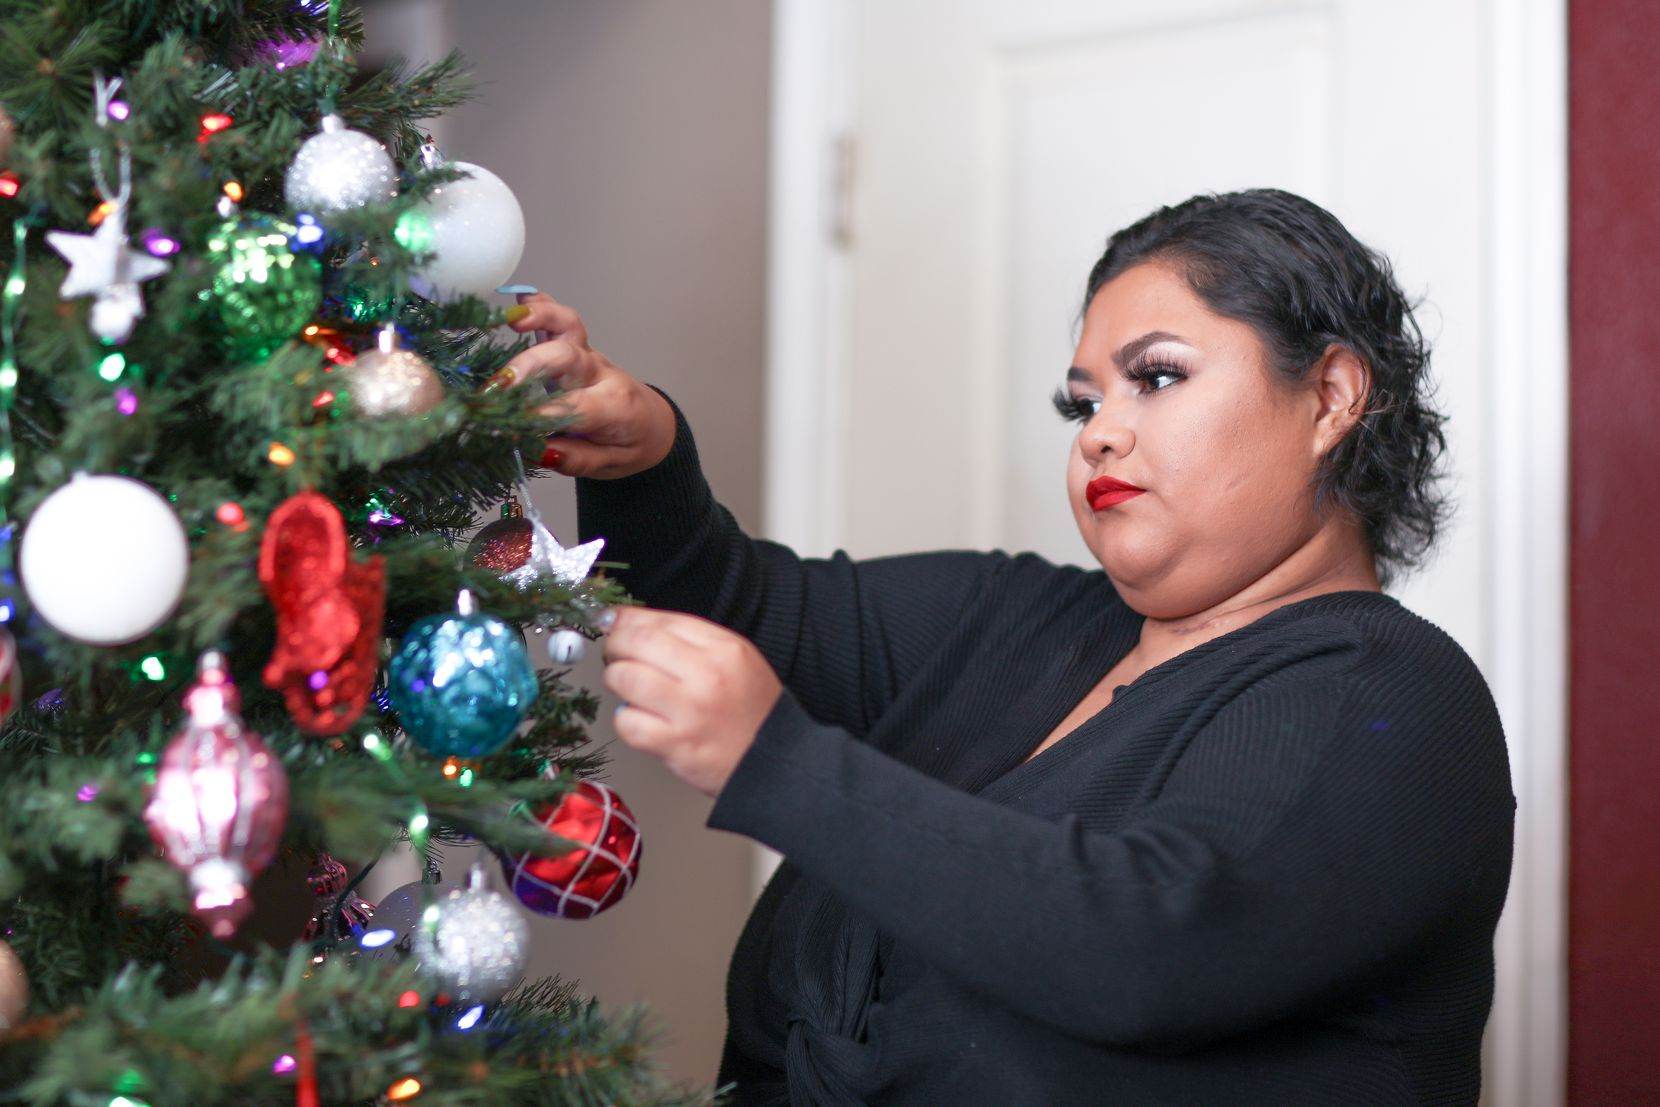 Devany Veloz celebrará esta Navidad con su esposo, su hijo y sus padres, con quienes vive. Para ella, las festividades de fin de año serán especiales porque ha sobrevivido a la pandemia.